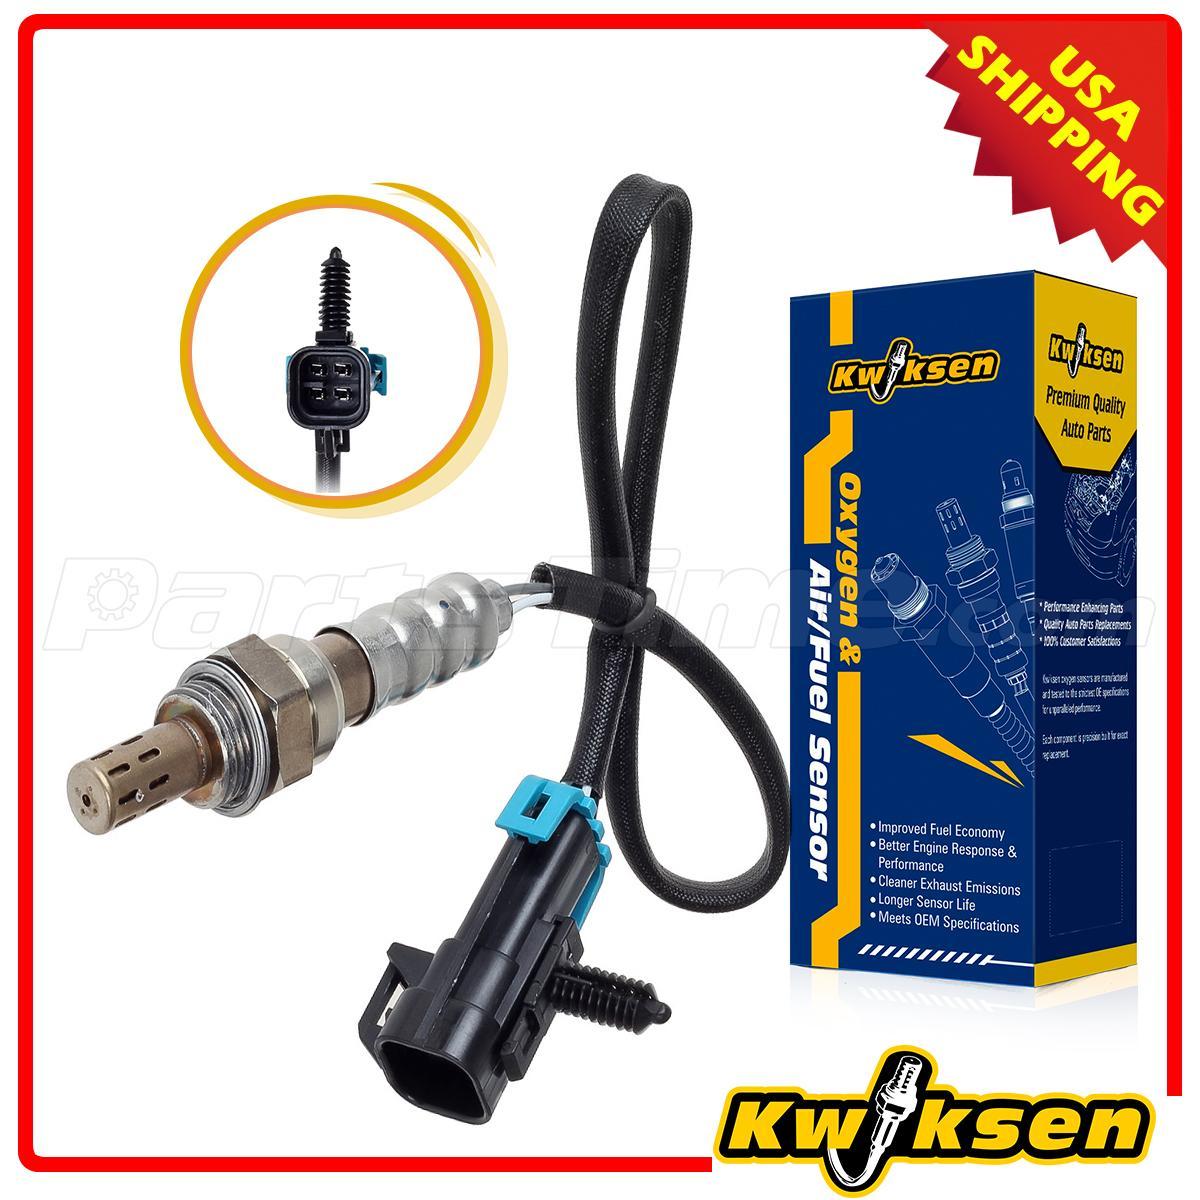 2002 Chevrolet Trailblazer Transmission: Upstream Oxygen O2 Sensor 234-4112 For 2002 2003 Chevrolet